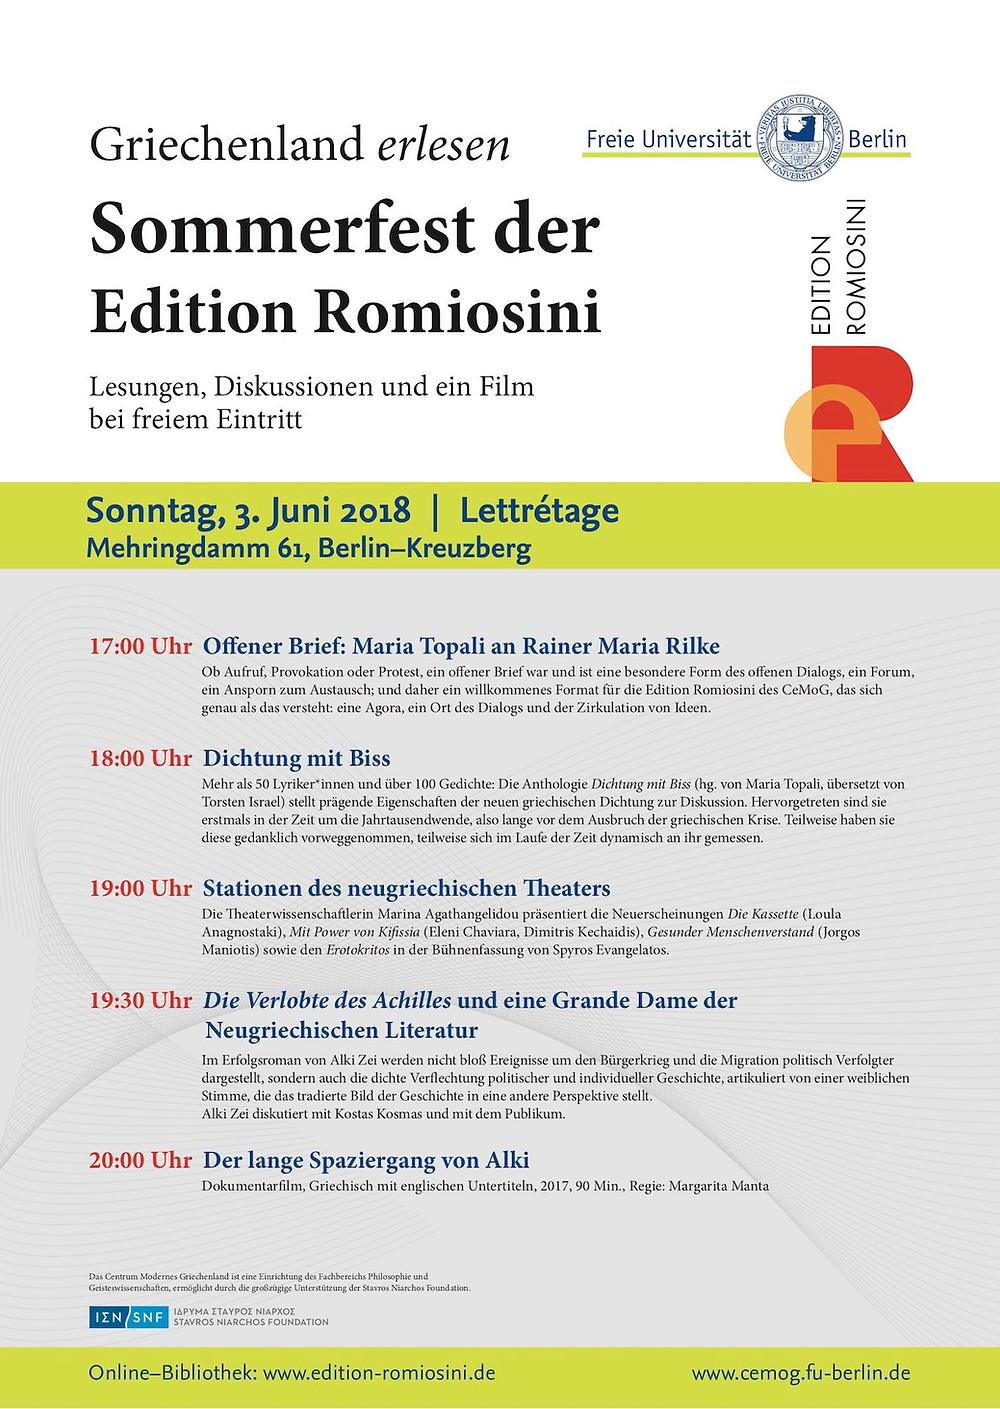 Πρόγραμμα - 3η γιορτή βιβλίου Edition Romiosini